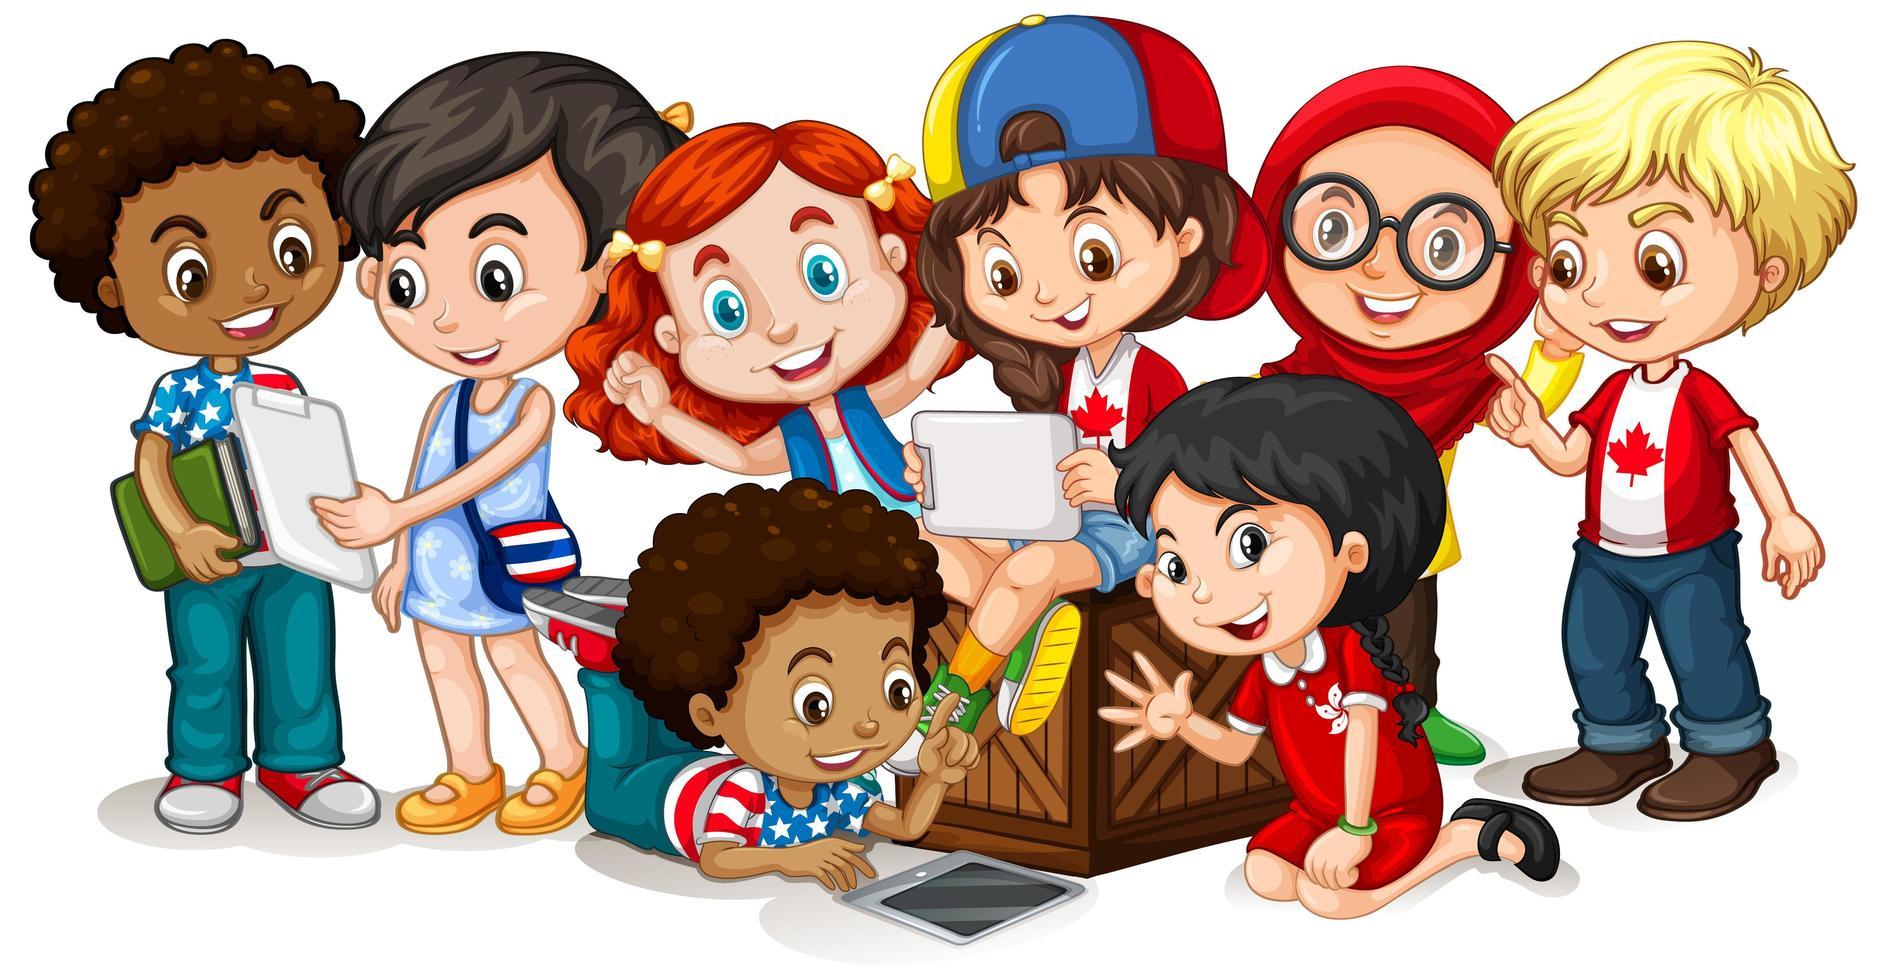 niños felices mirando tableta juntos vector